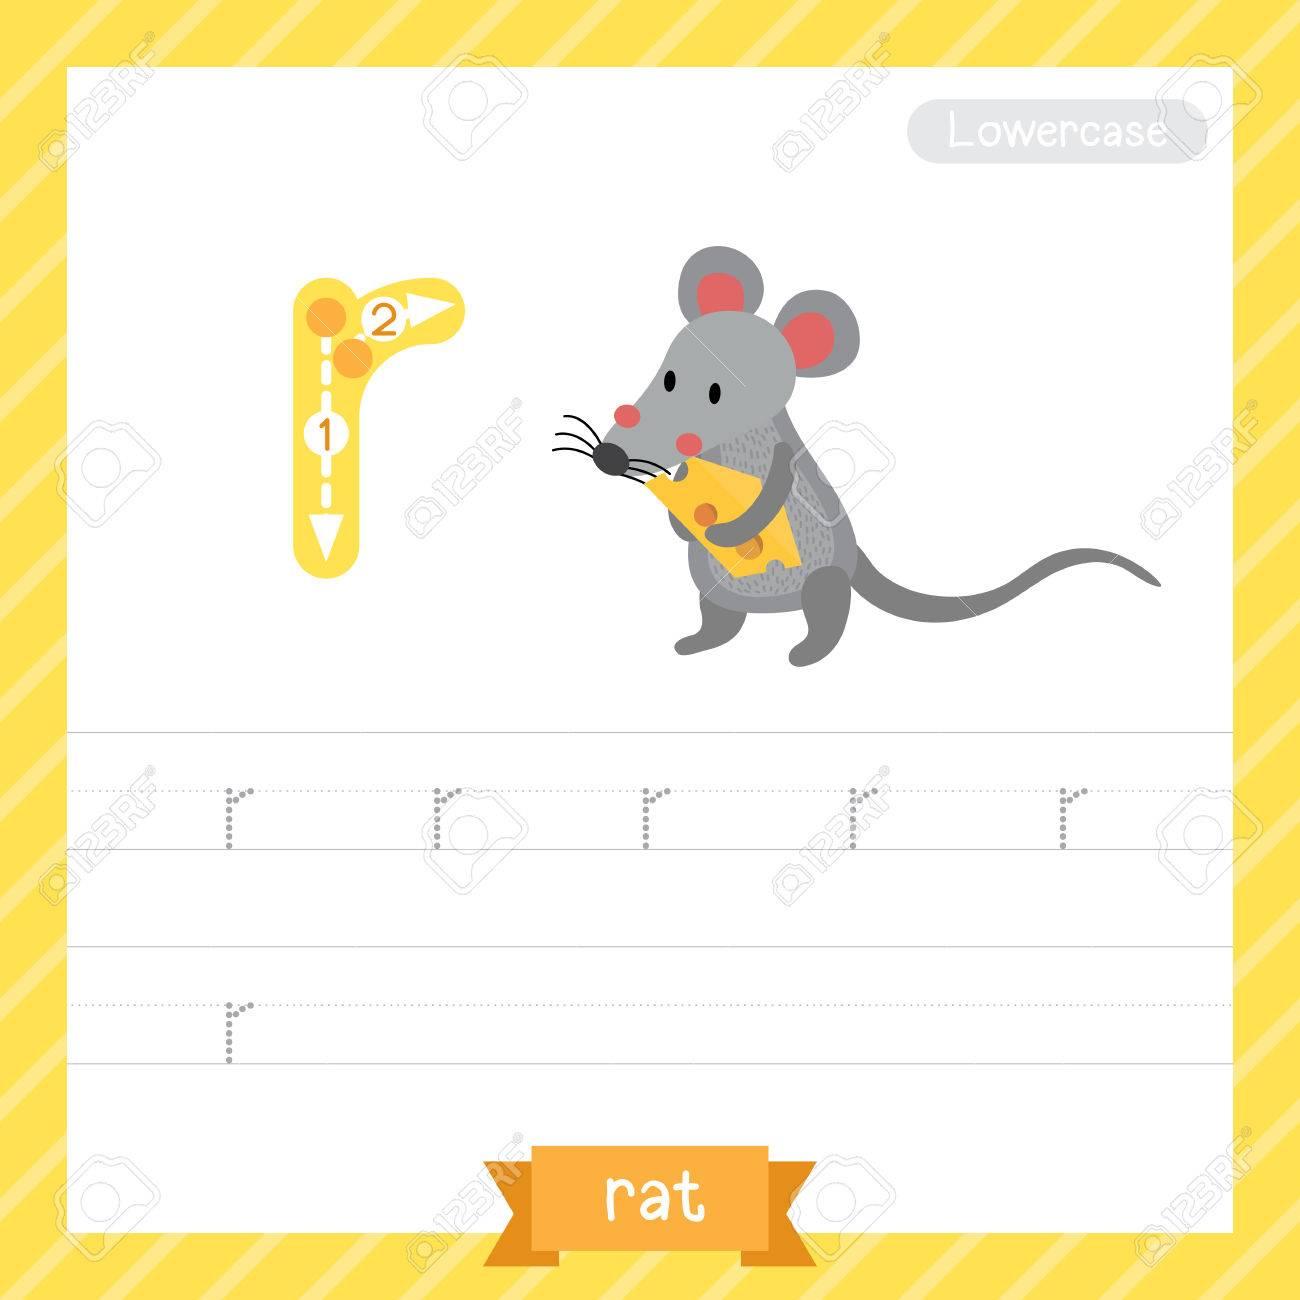 Letter R Kleinbuchstaben-Übungsarbeitsblatt Mit Ratte Für Kinder ...